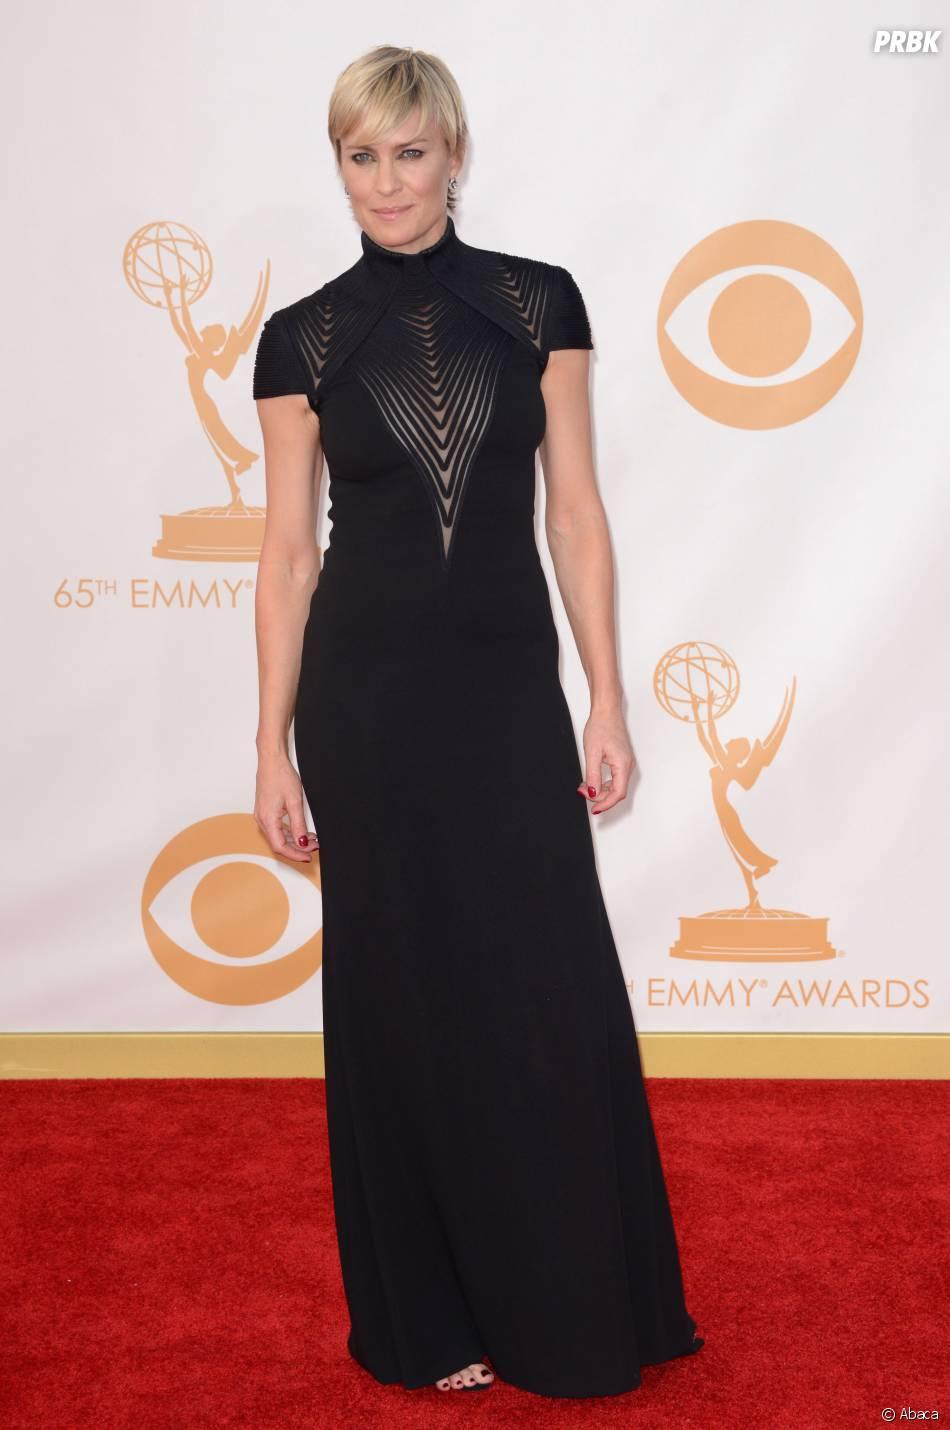 Robin Wright aux Emmy Awards 2013 le 22 septembre 2013 à Los Angeles